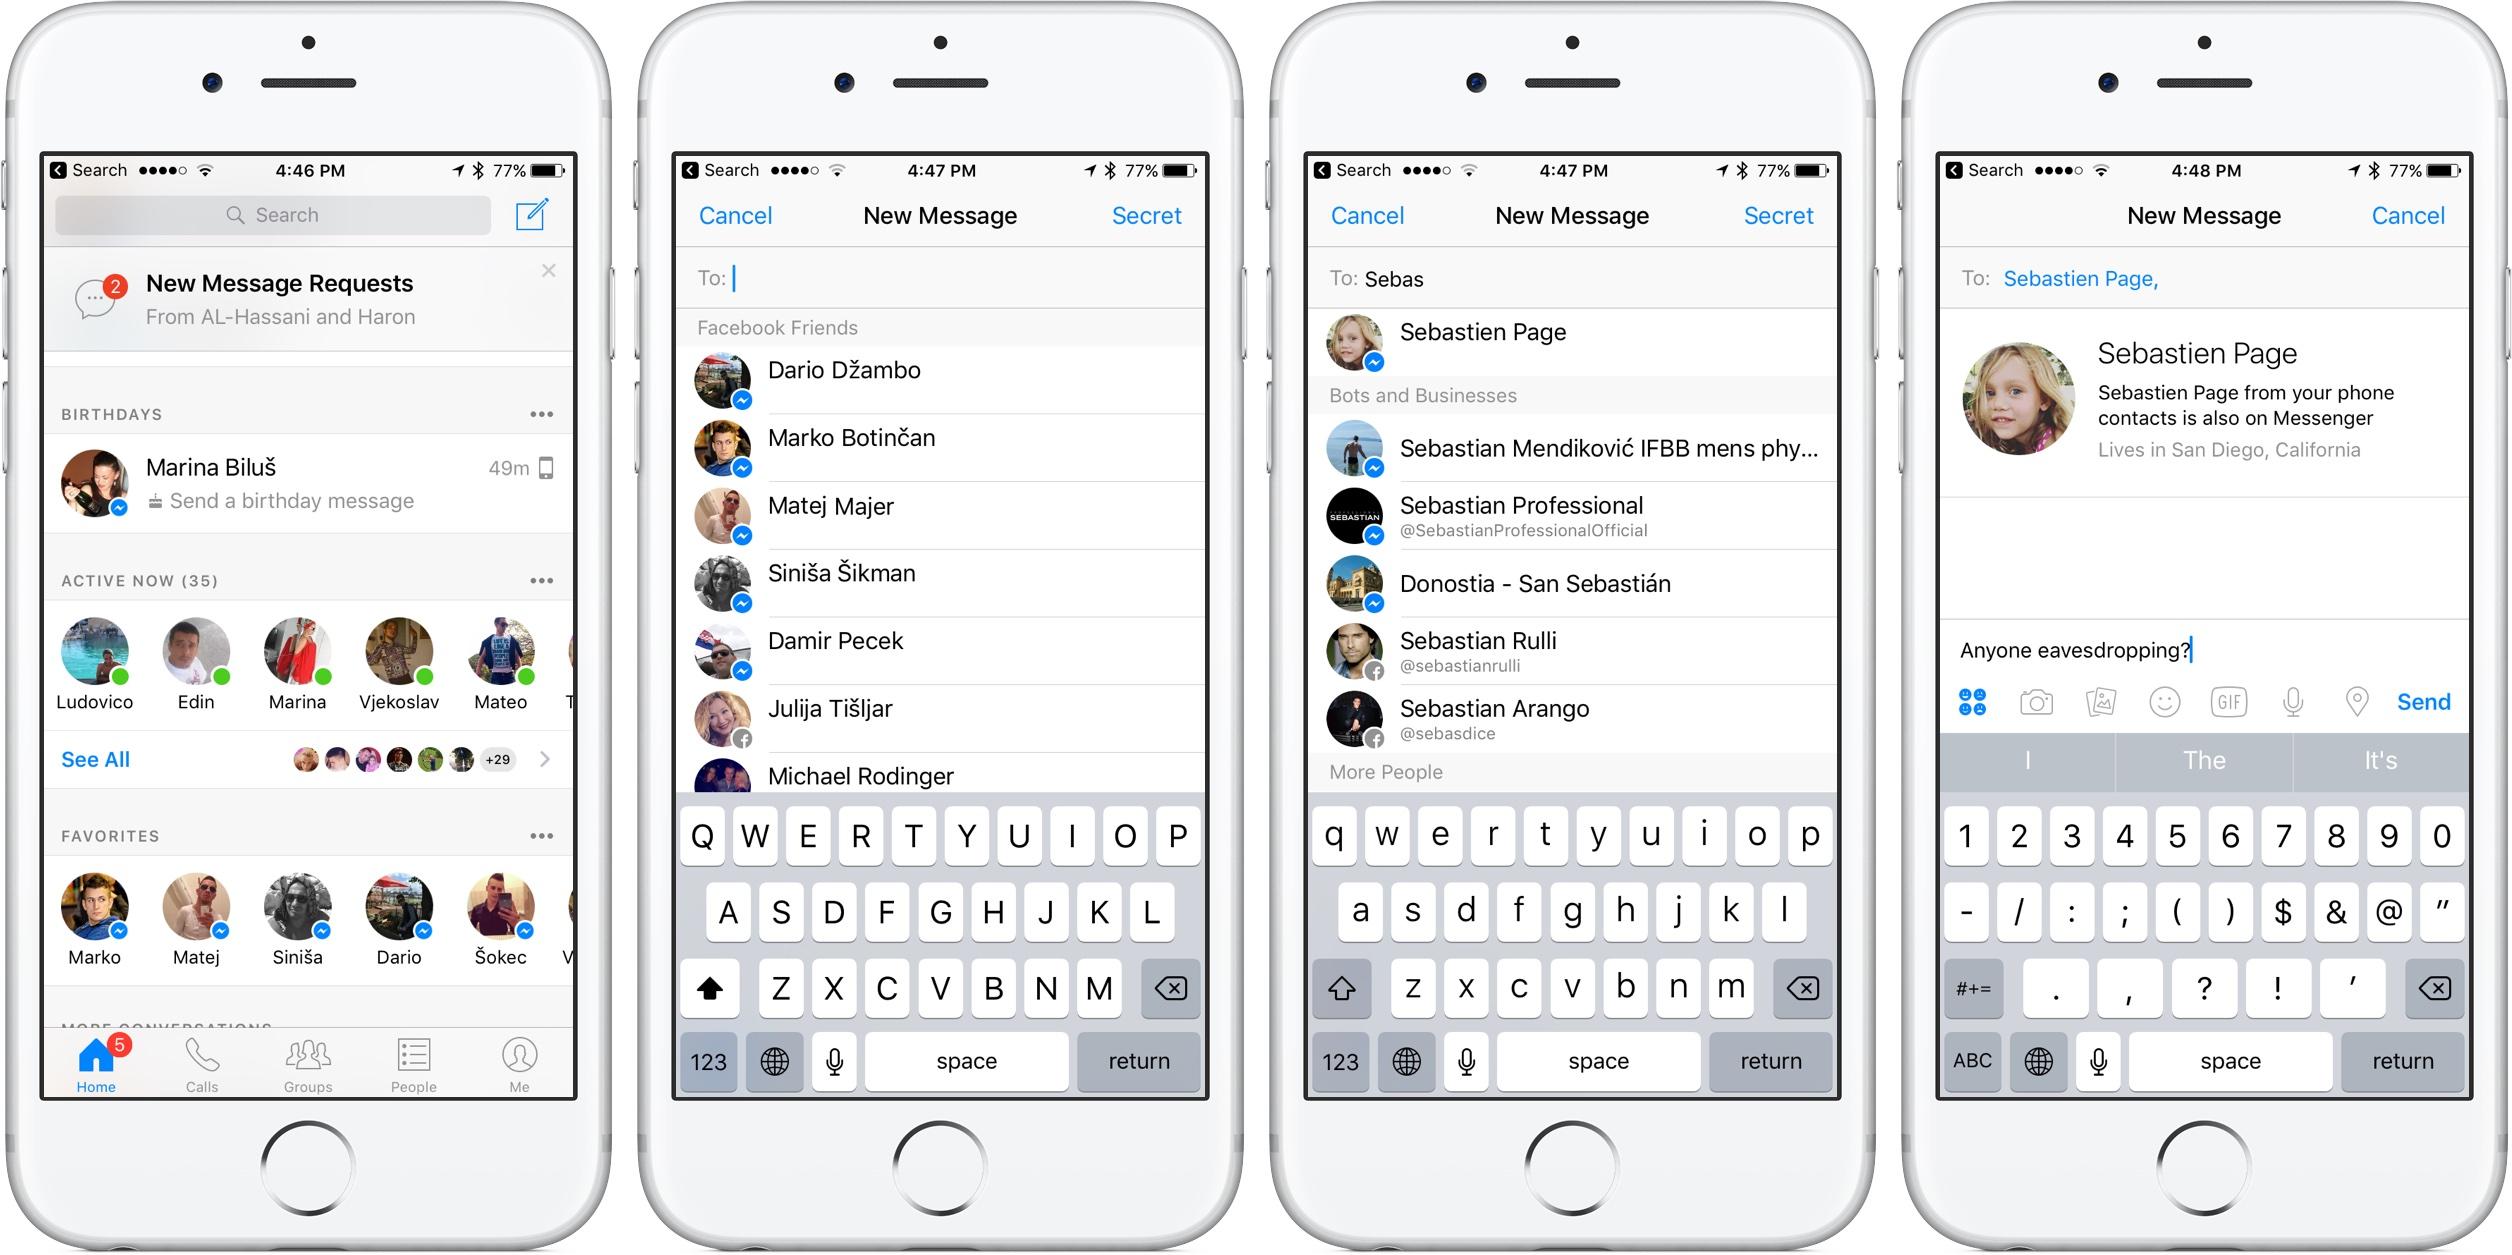 how-to-secret-conversations-facebook-messenger-iphone-screenshot-006